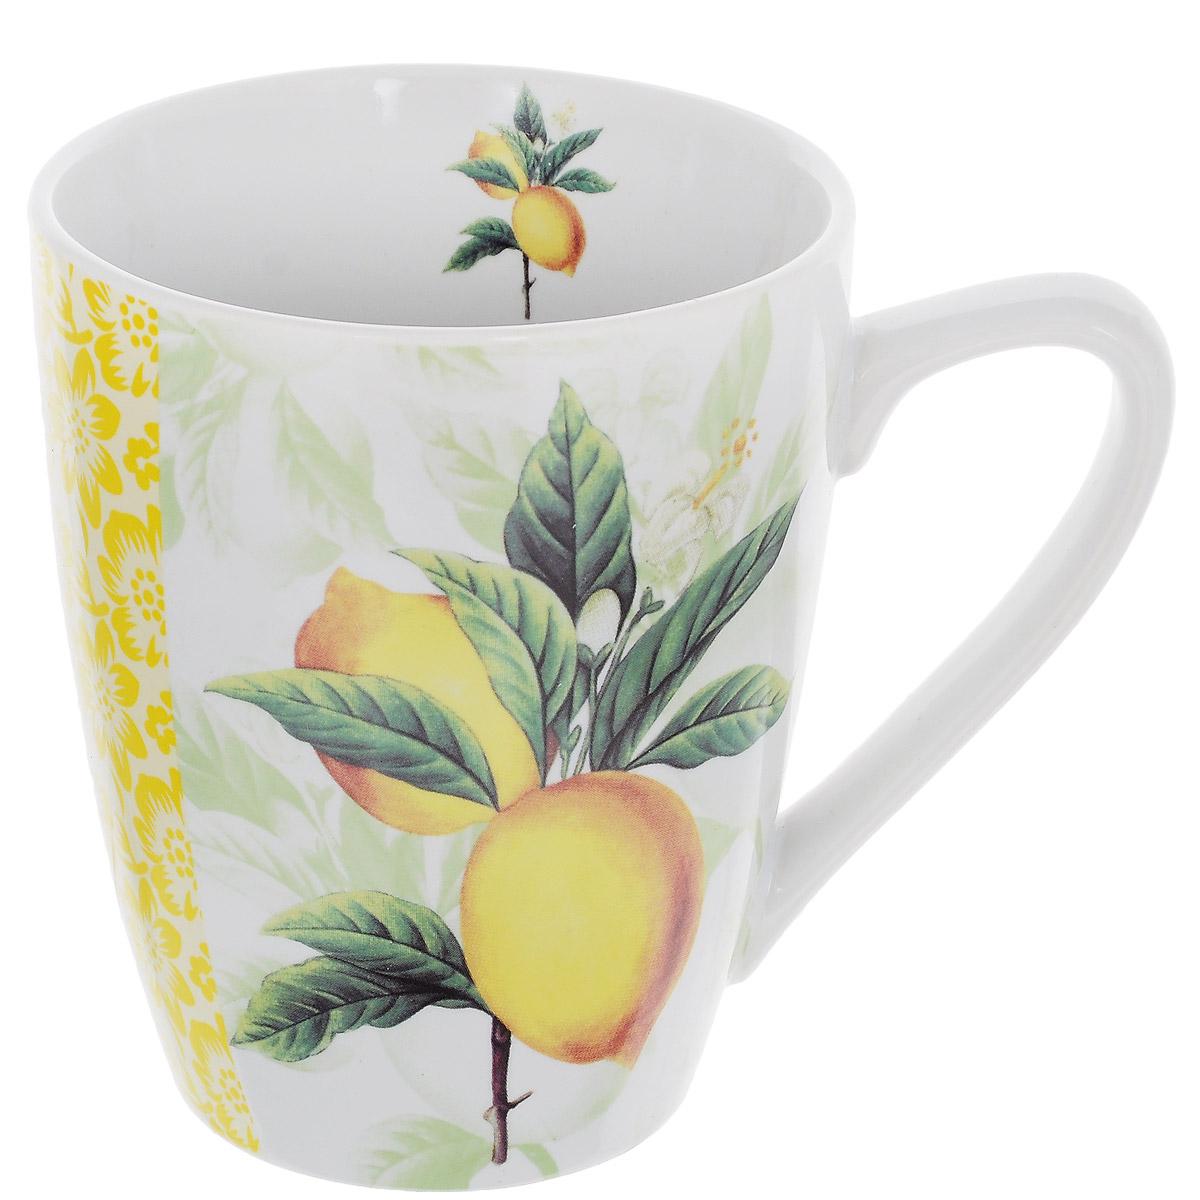 Кружка Лимон, 380 мл24662_желтый, зеленый, коричневыйКружка Лимон, изготовленная из высококачественной керамики, декорирована изображением двух лимонов на ветке. Такая кружка придется по вкусу ценителям утонченности и изысканности.Кружка послужит не только приятным подарком, но и практичным сувениром.